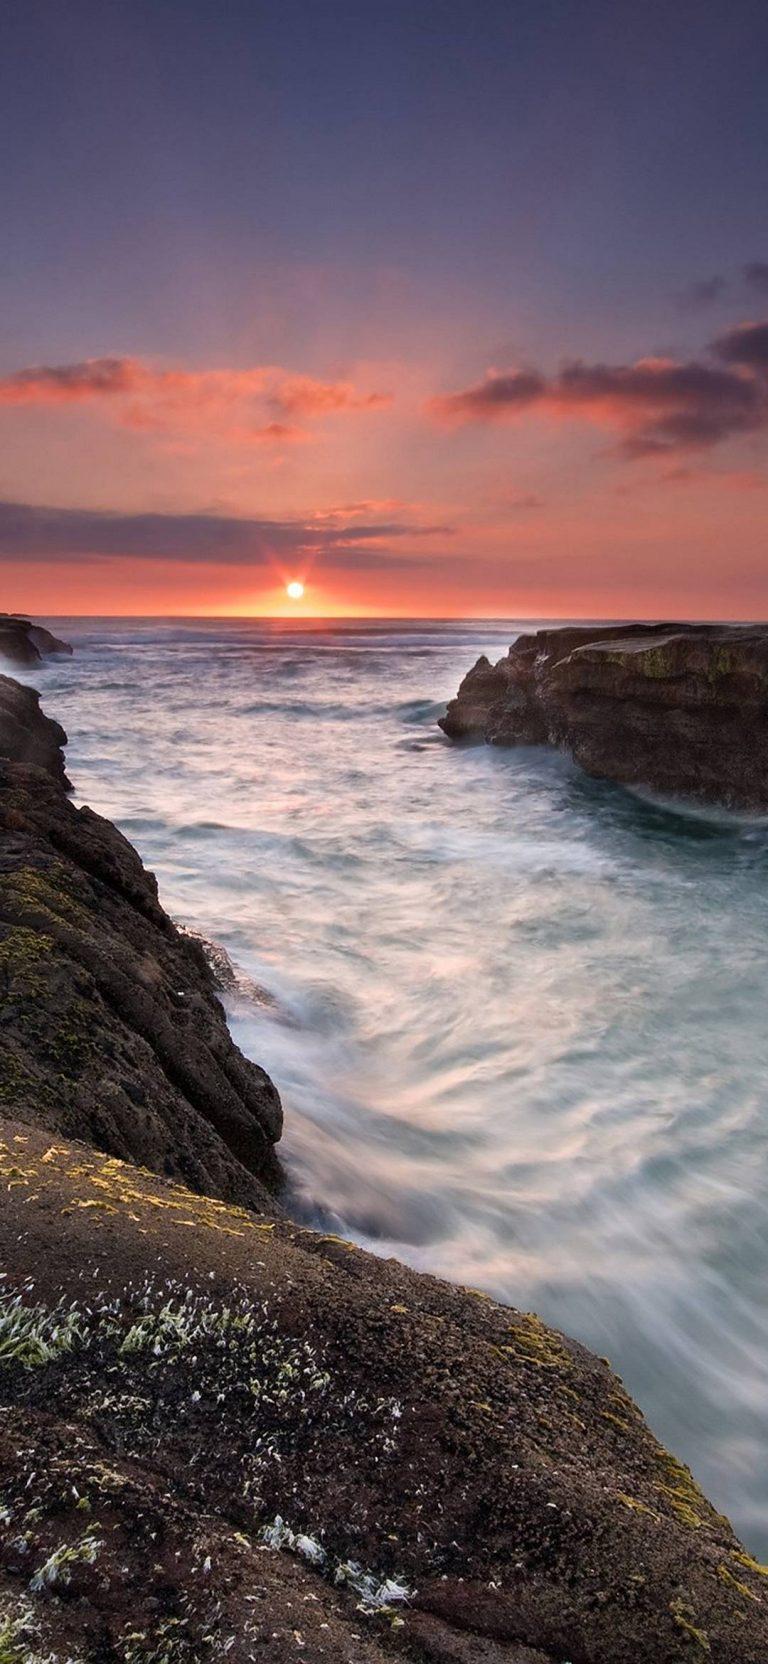 Sunset At Muriwai Beach 1080x2340 768x1664